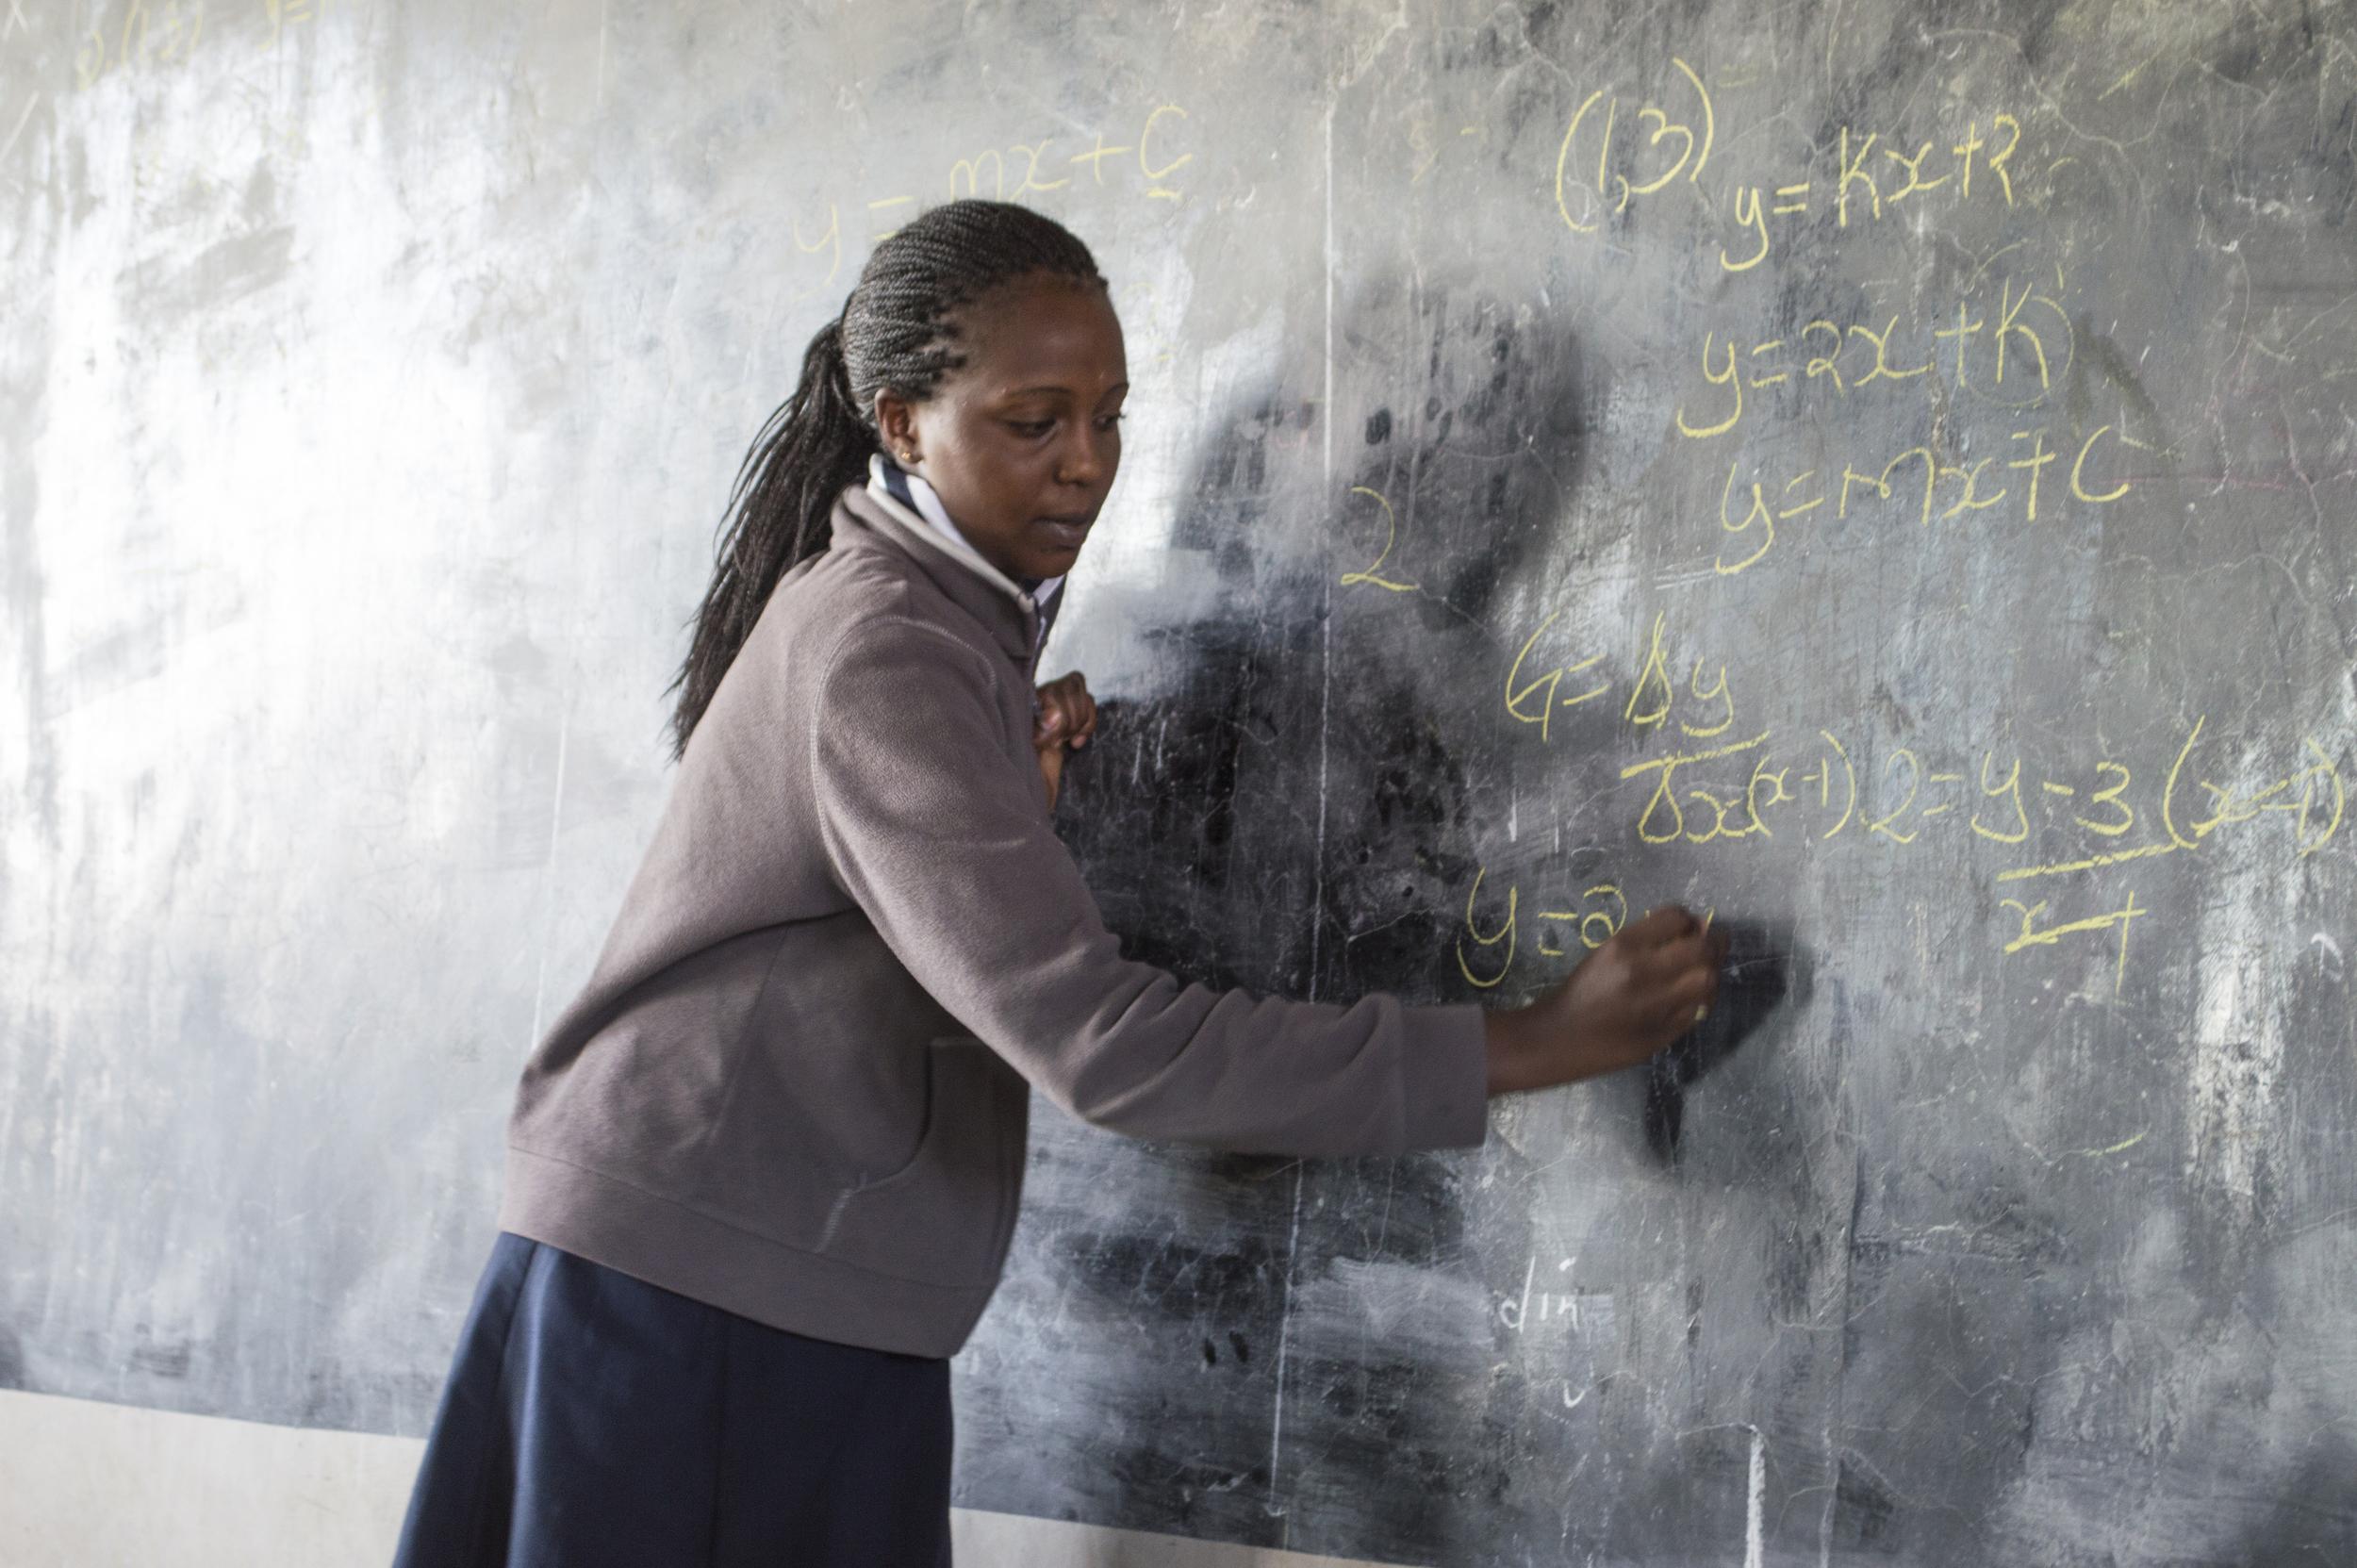 Tembea evelyn chalkboard.jpg